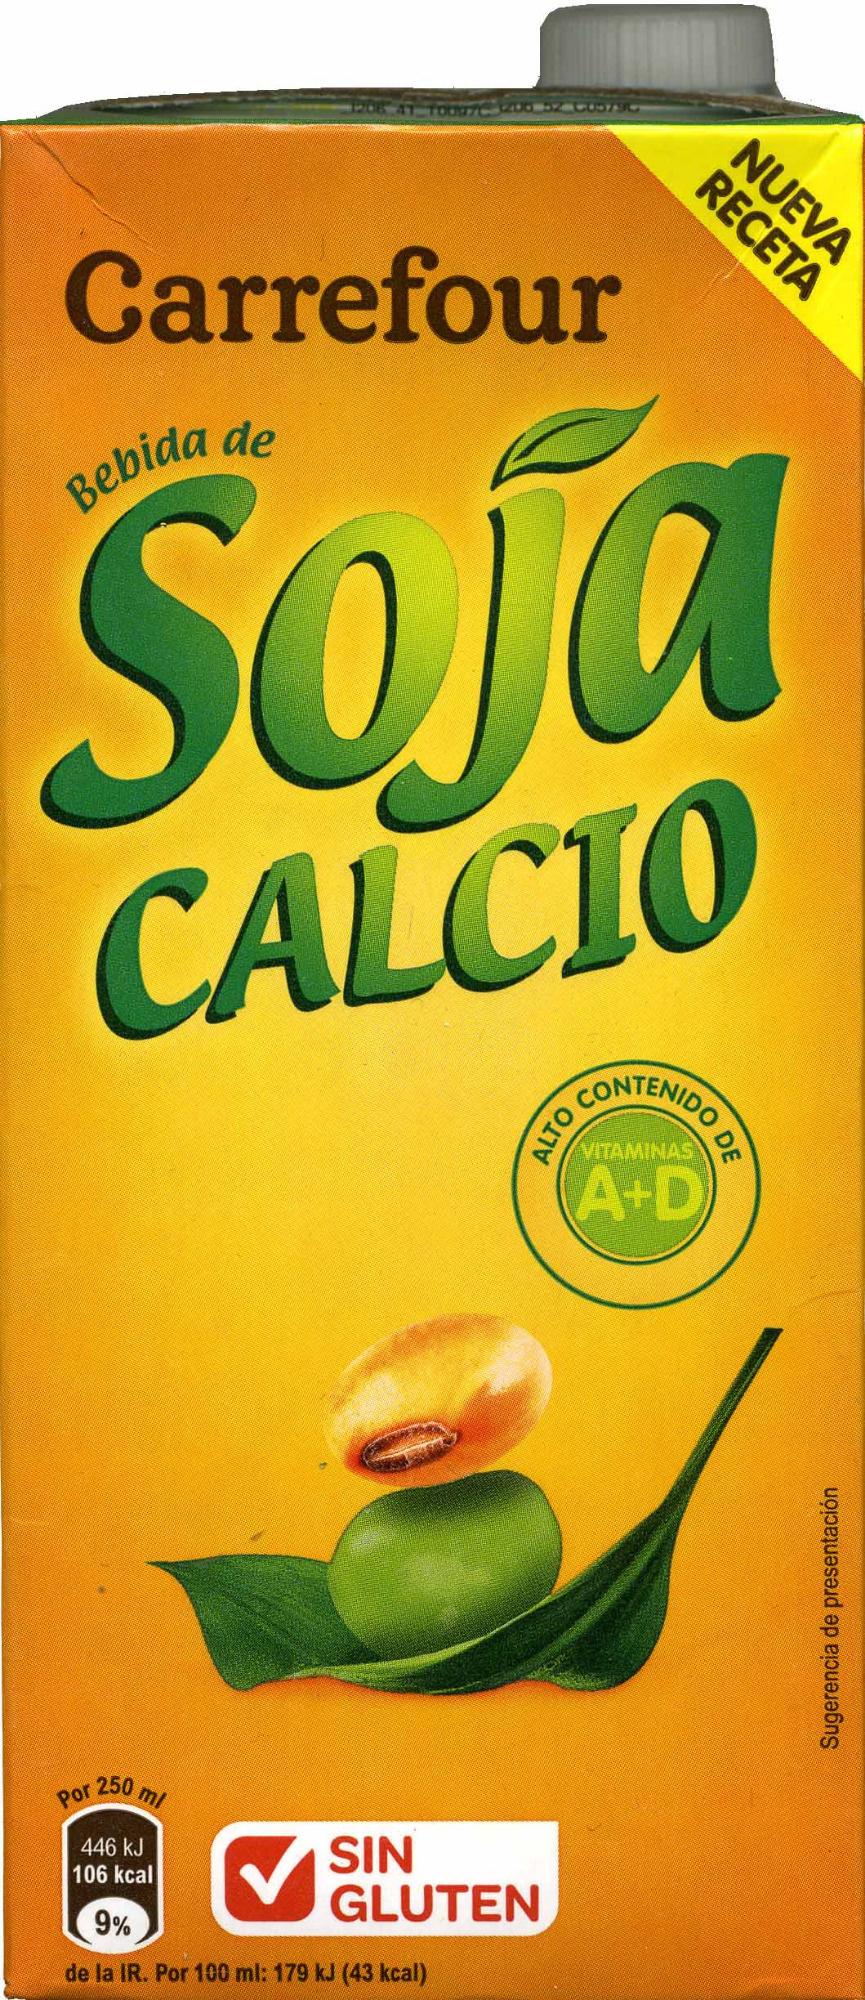 Soja calcio - Producte